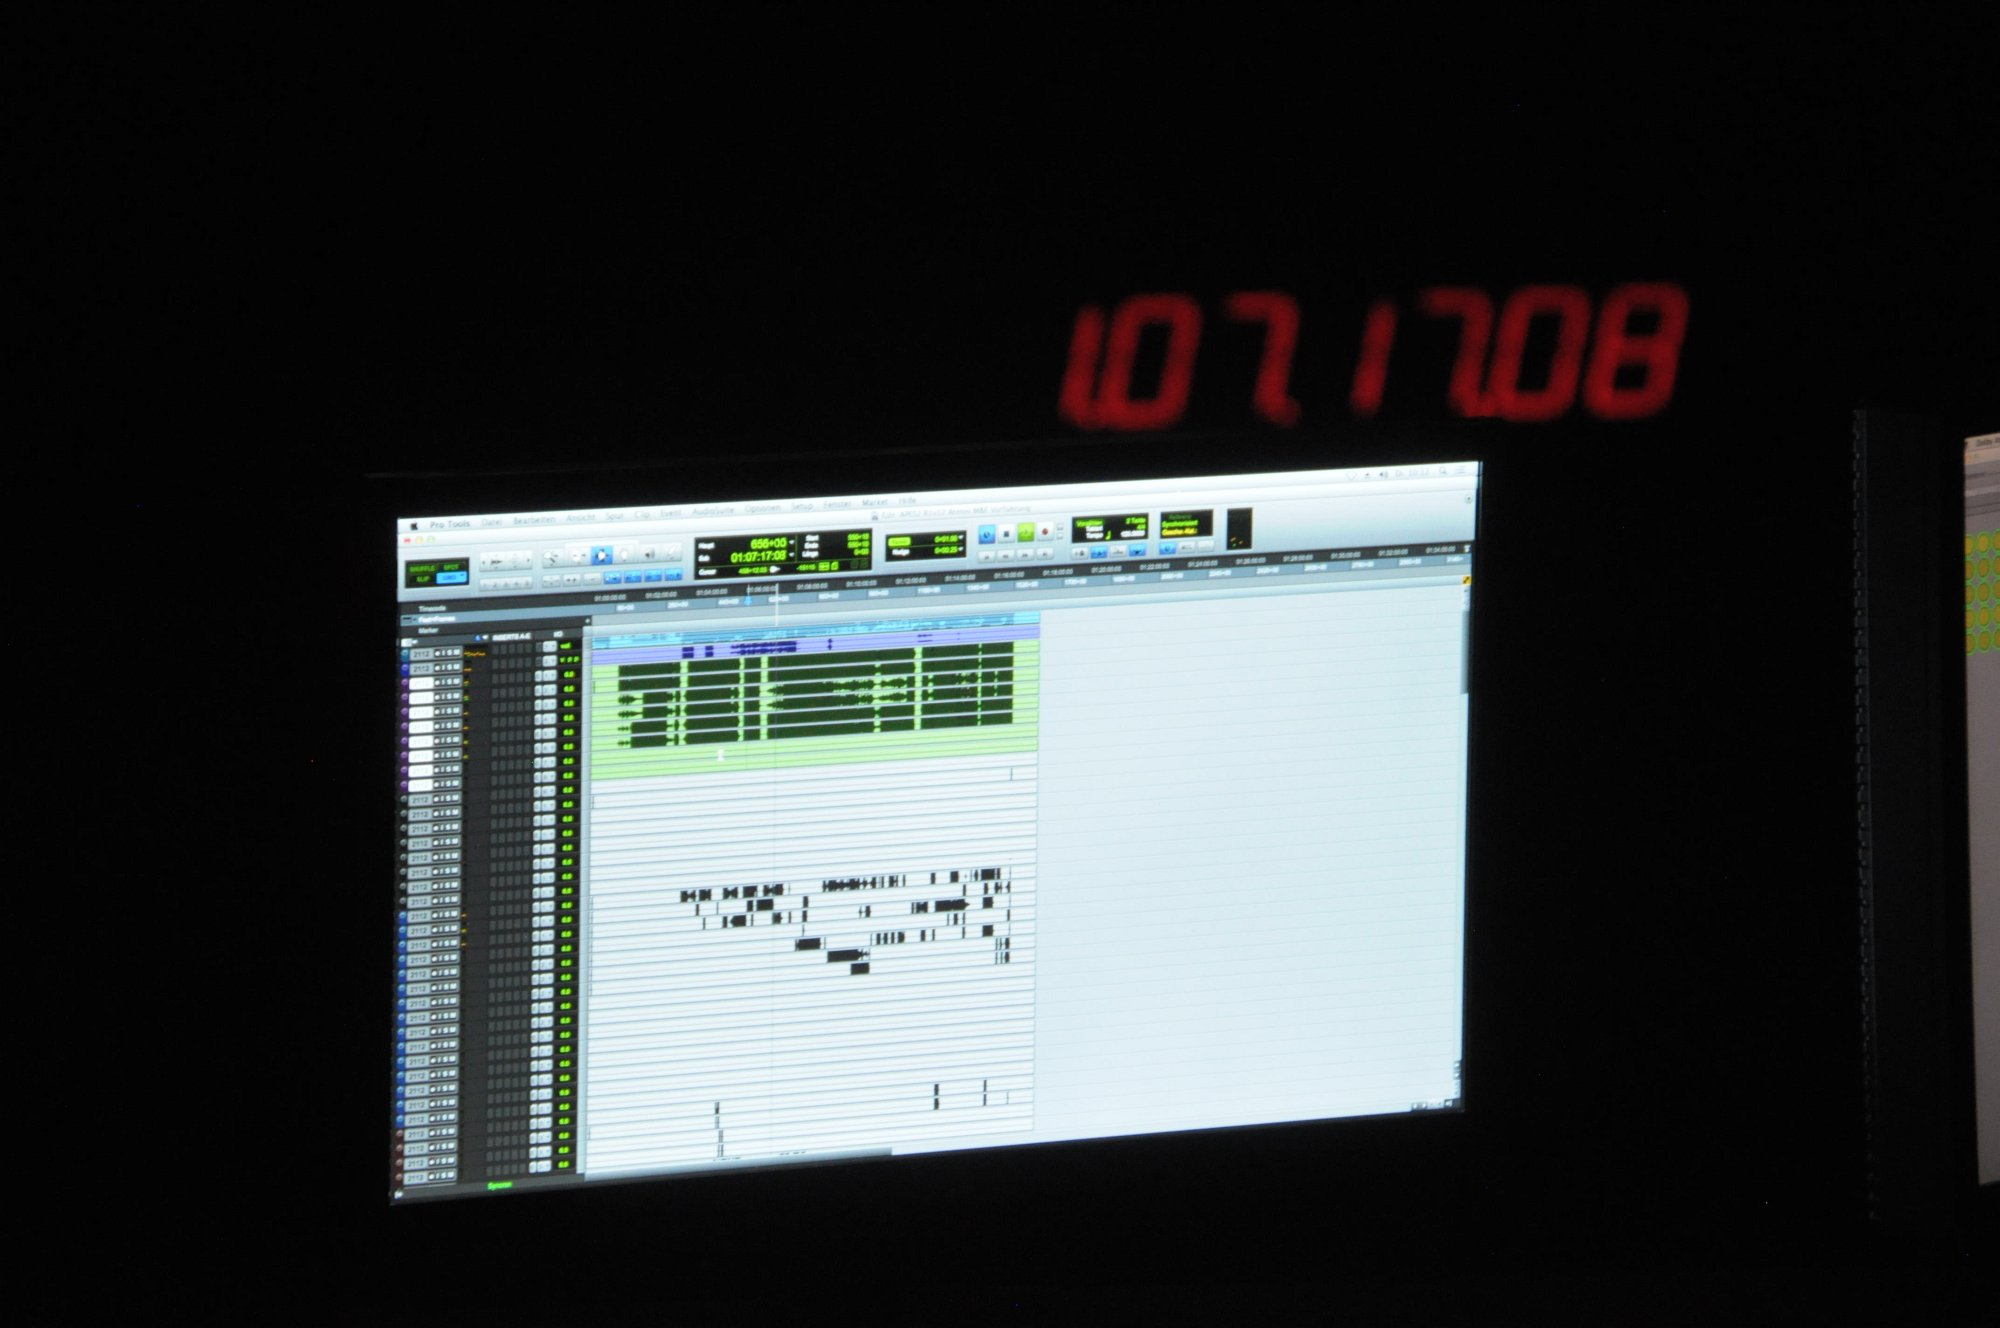 Dolby Atmos Probe gehört: Klang aus der Decke kommt fürs Heimkino - In den Pro Tools ist ein kleiner Teil der Objektspuren zu sehen. (Foto: Andreas Sebayang/Golem.de)